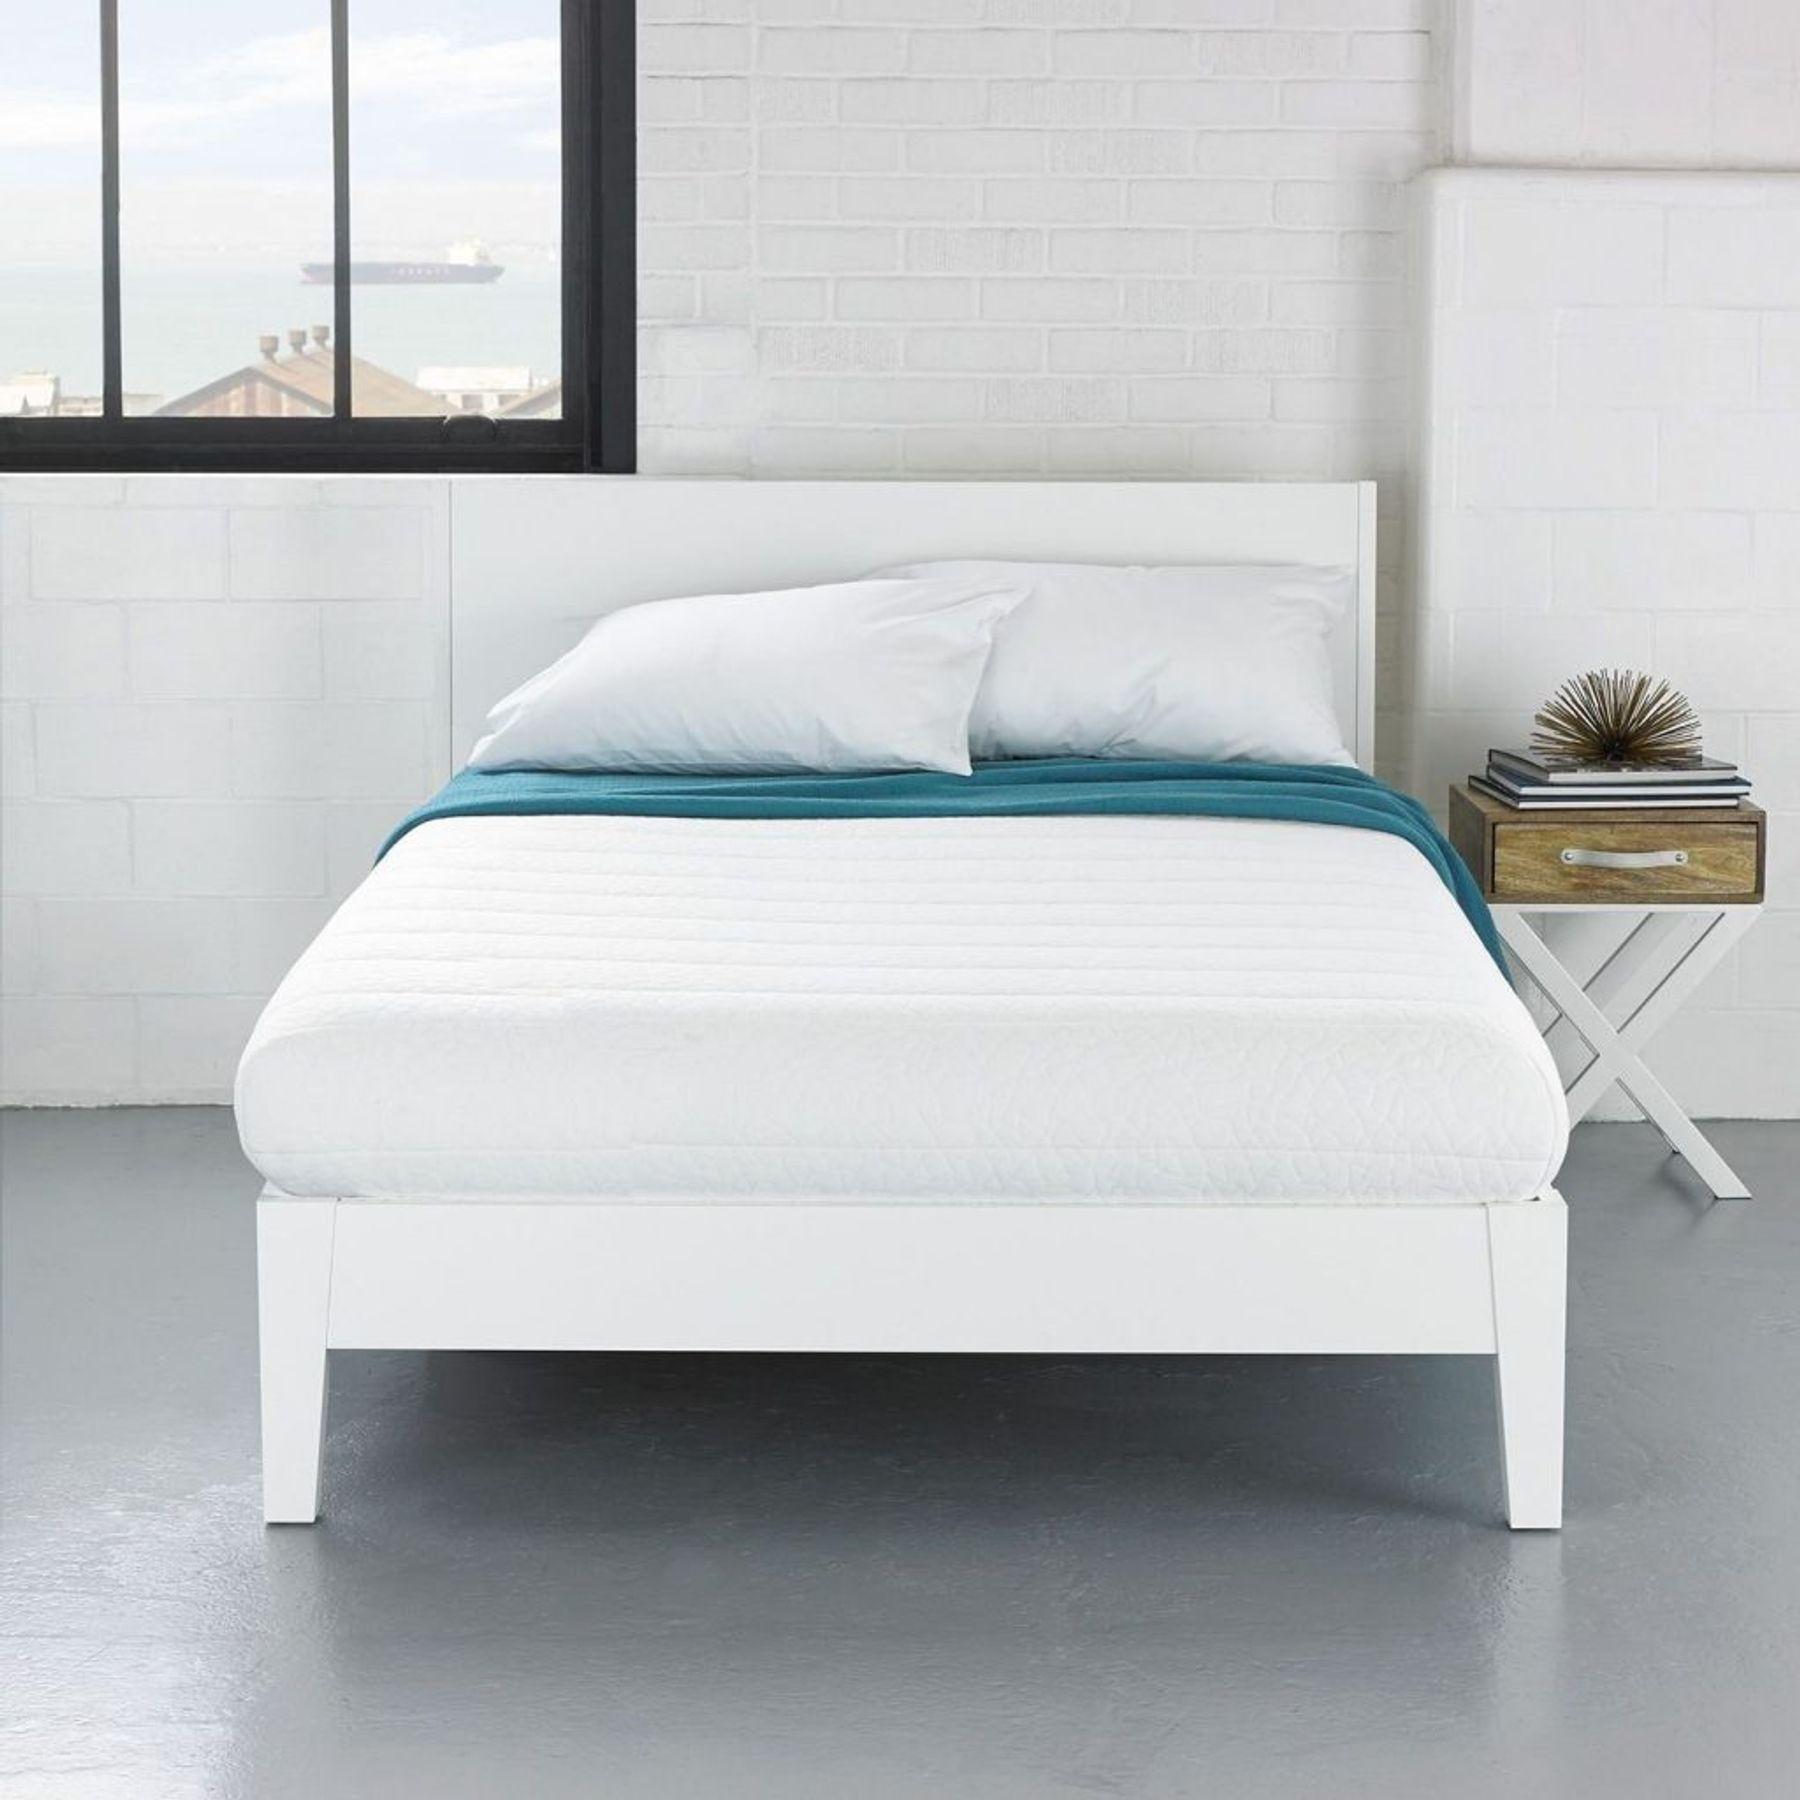 Vệ sinh nệm phòng ngủ đơn giản